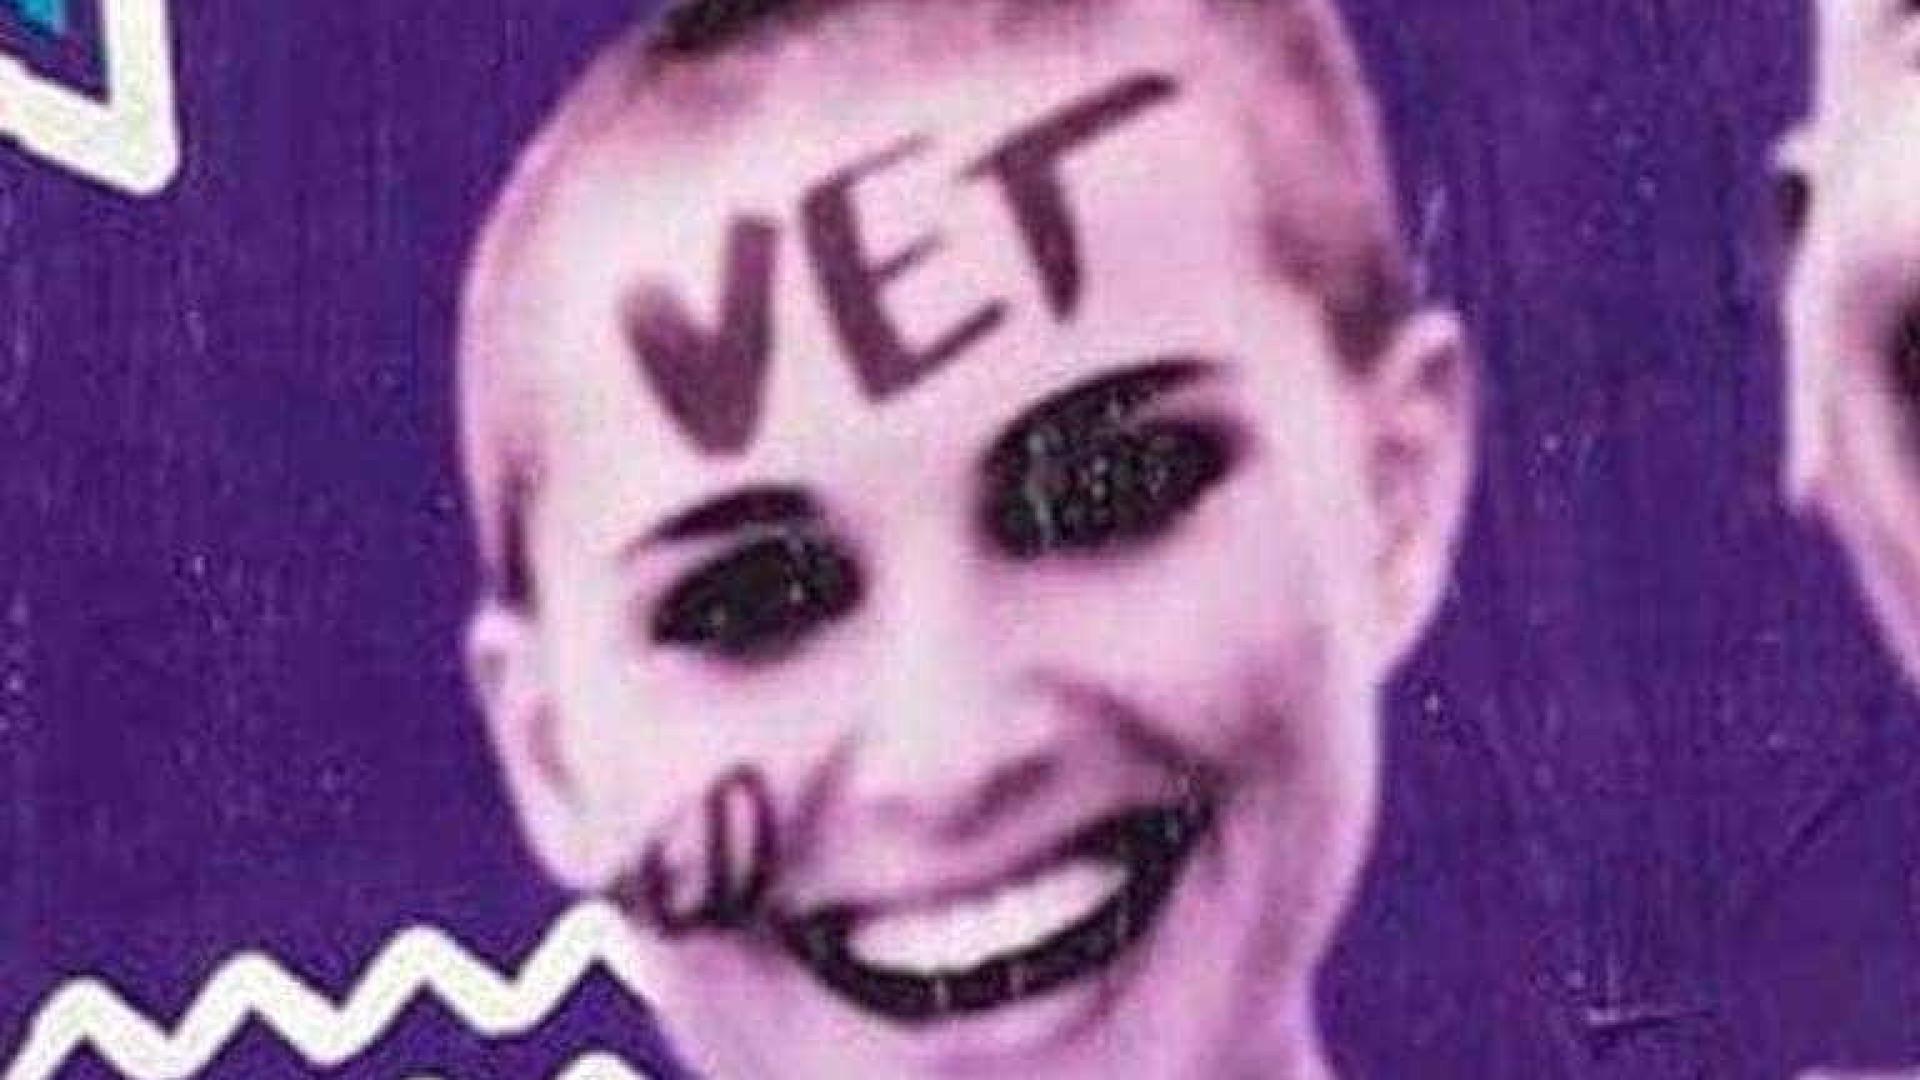 Agência de publicidade pede desculpas por usar foto de Natalie Portman